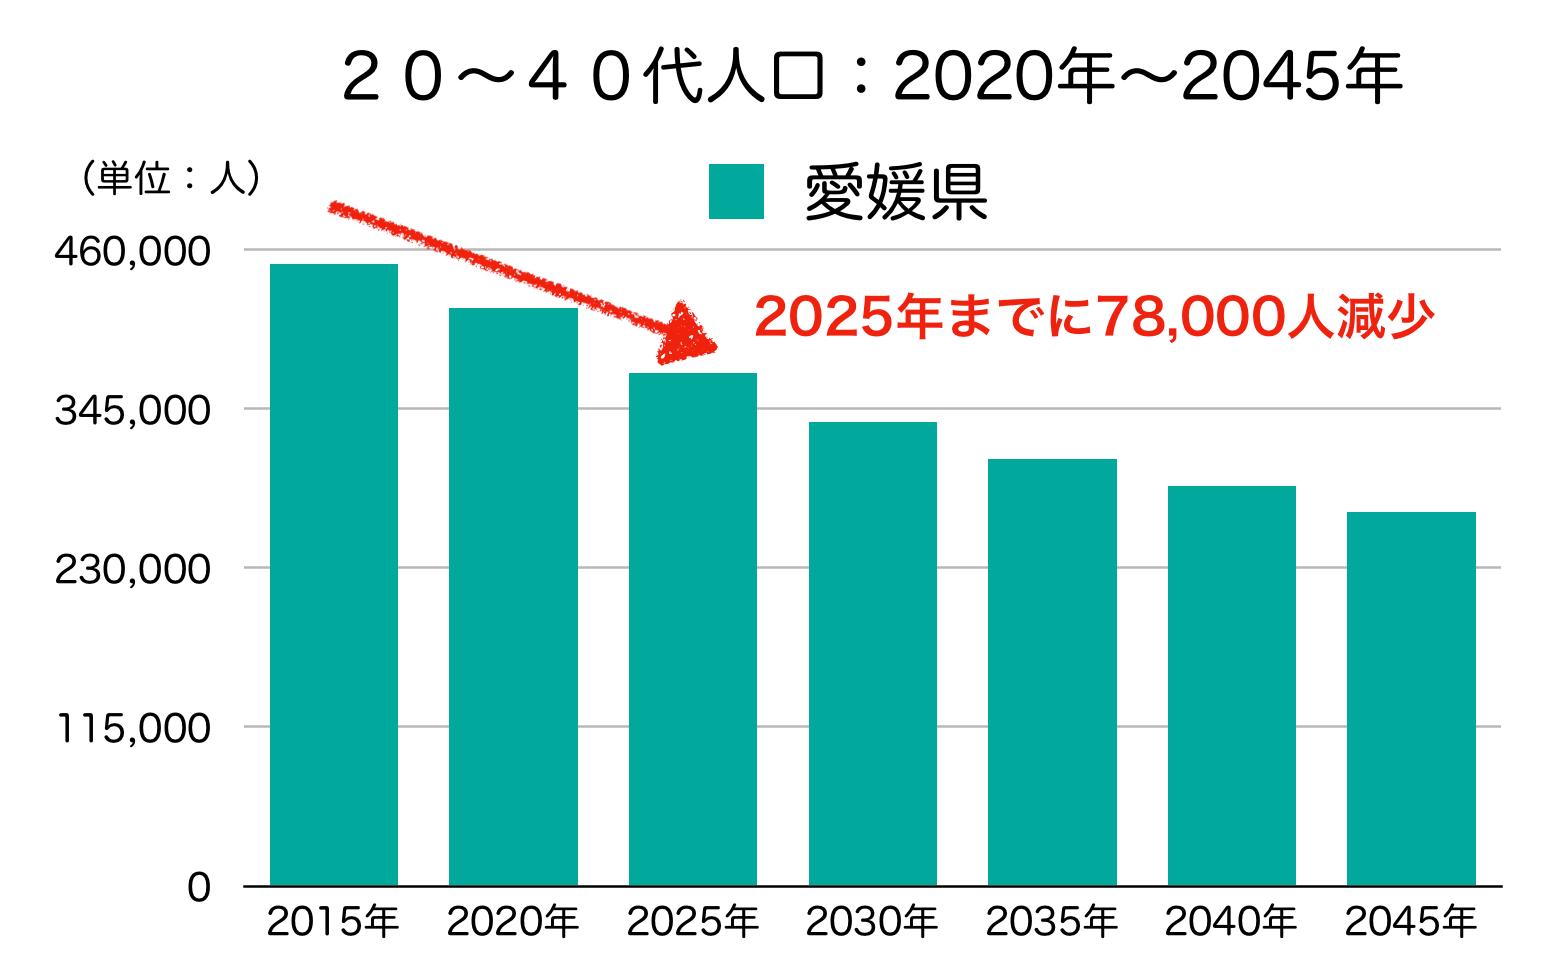 愛媛県の20〜40代人口の予測